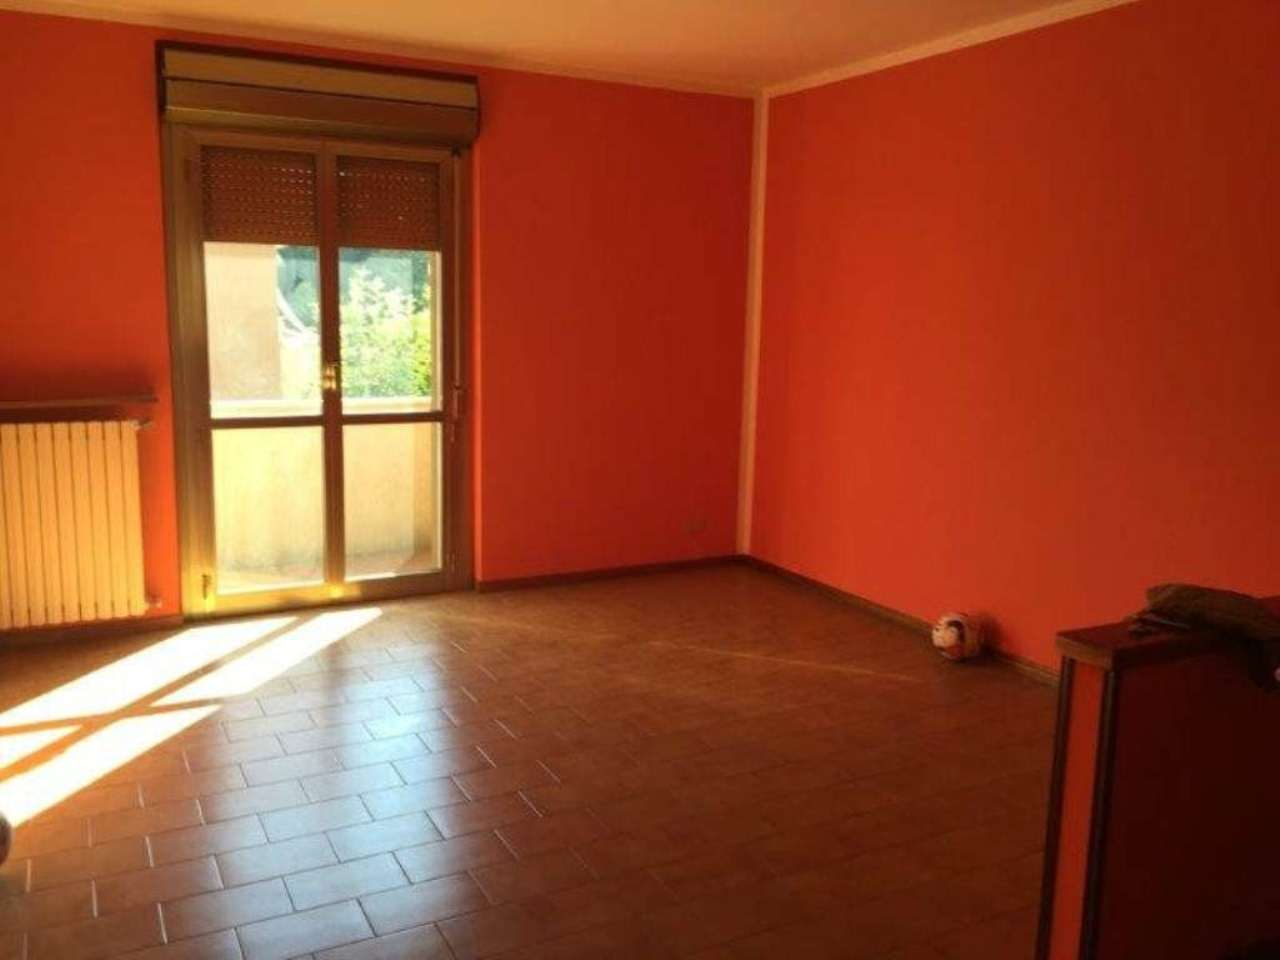 Appartamento in vendita a Montodine, 3 locali, prezzo € 75.000 | CambioCasa.it